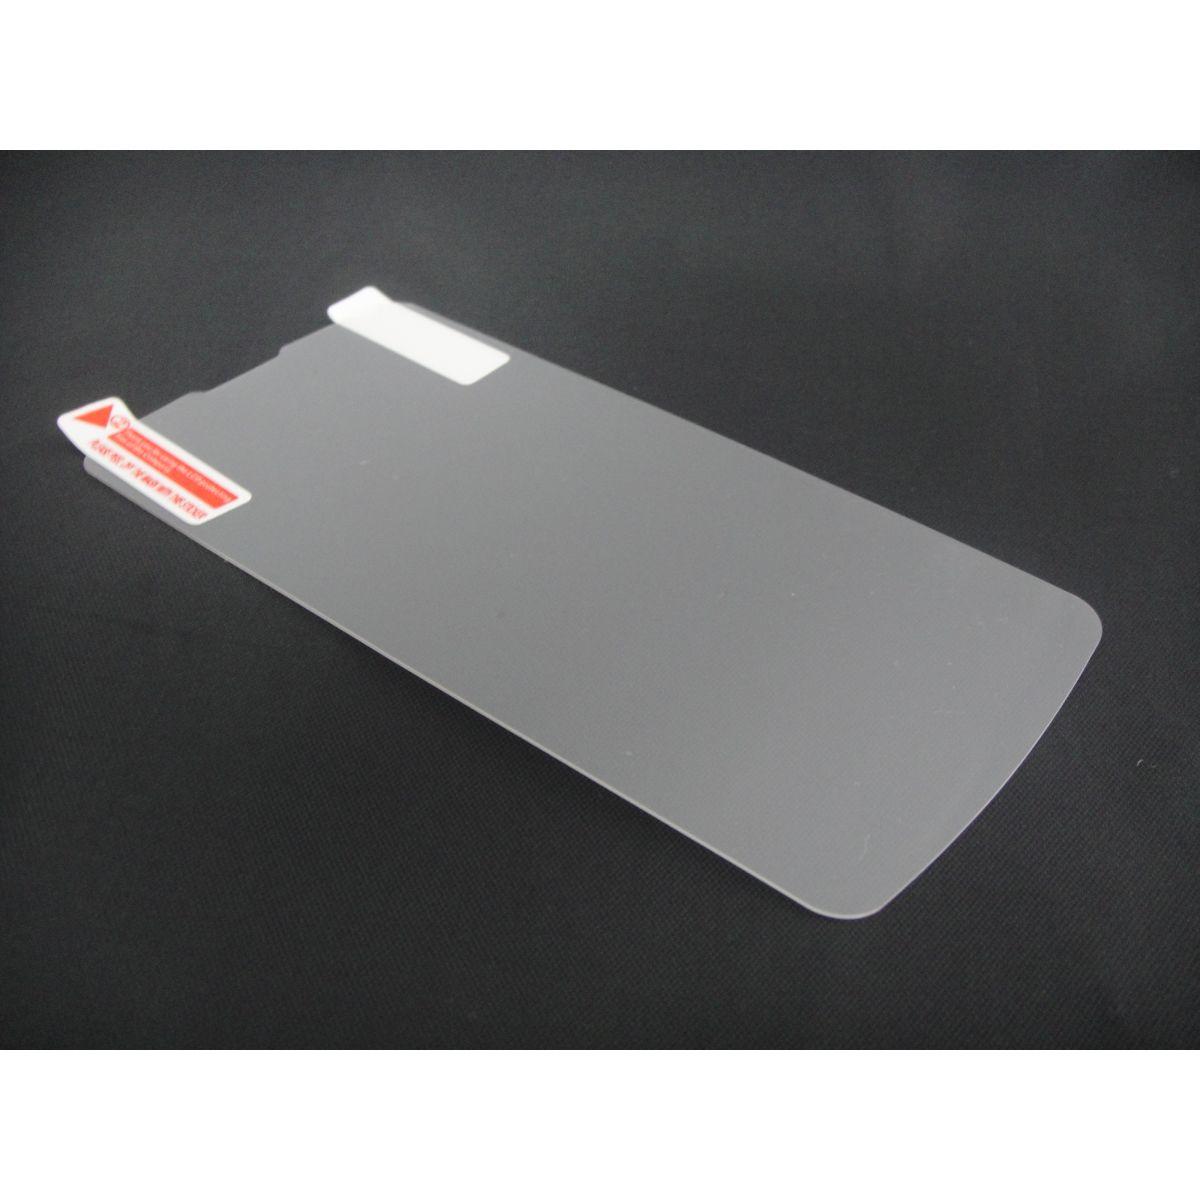 Pelicula Protetora para Lg Nexus 4 E960 Transparente